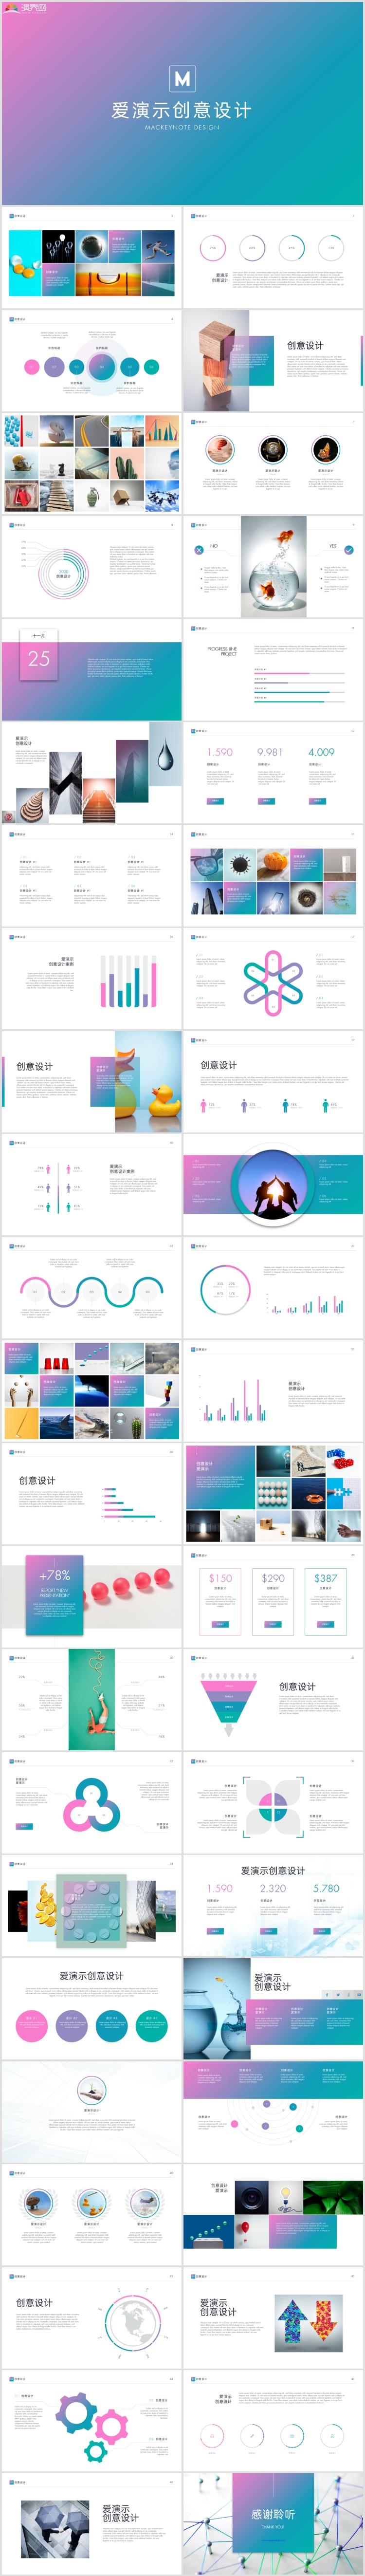 清新简约创意设计工作总结商务通用PPT模版